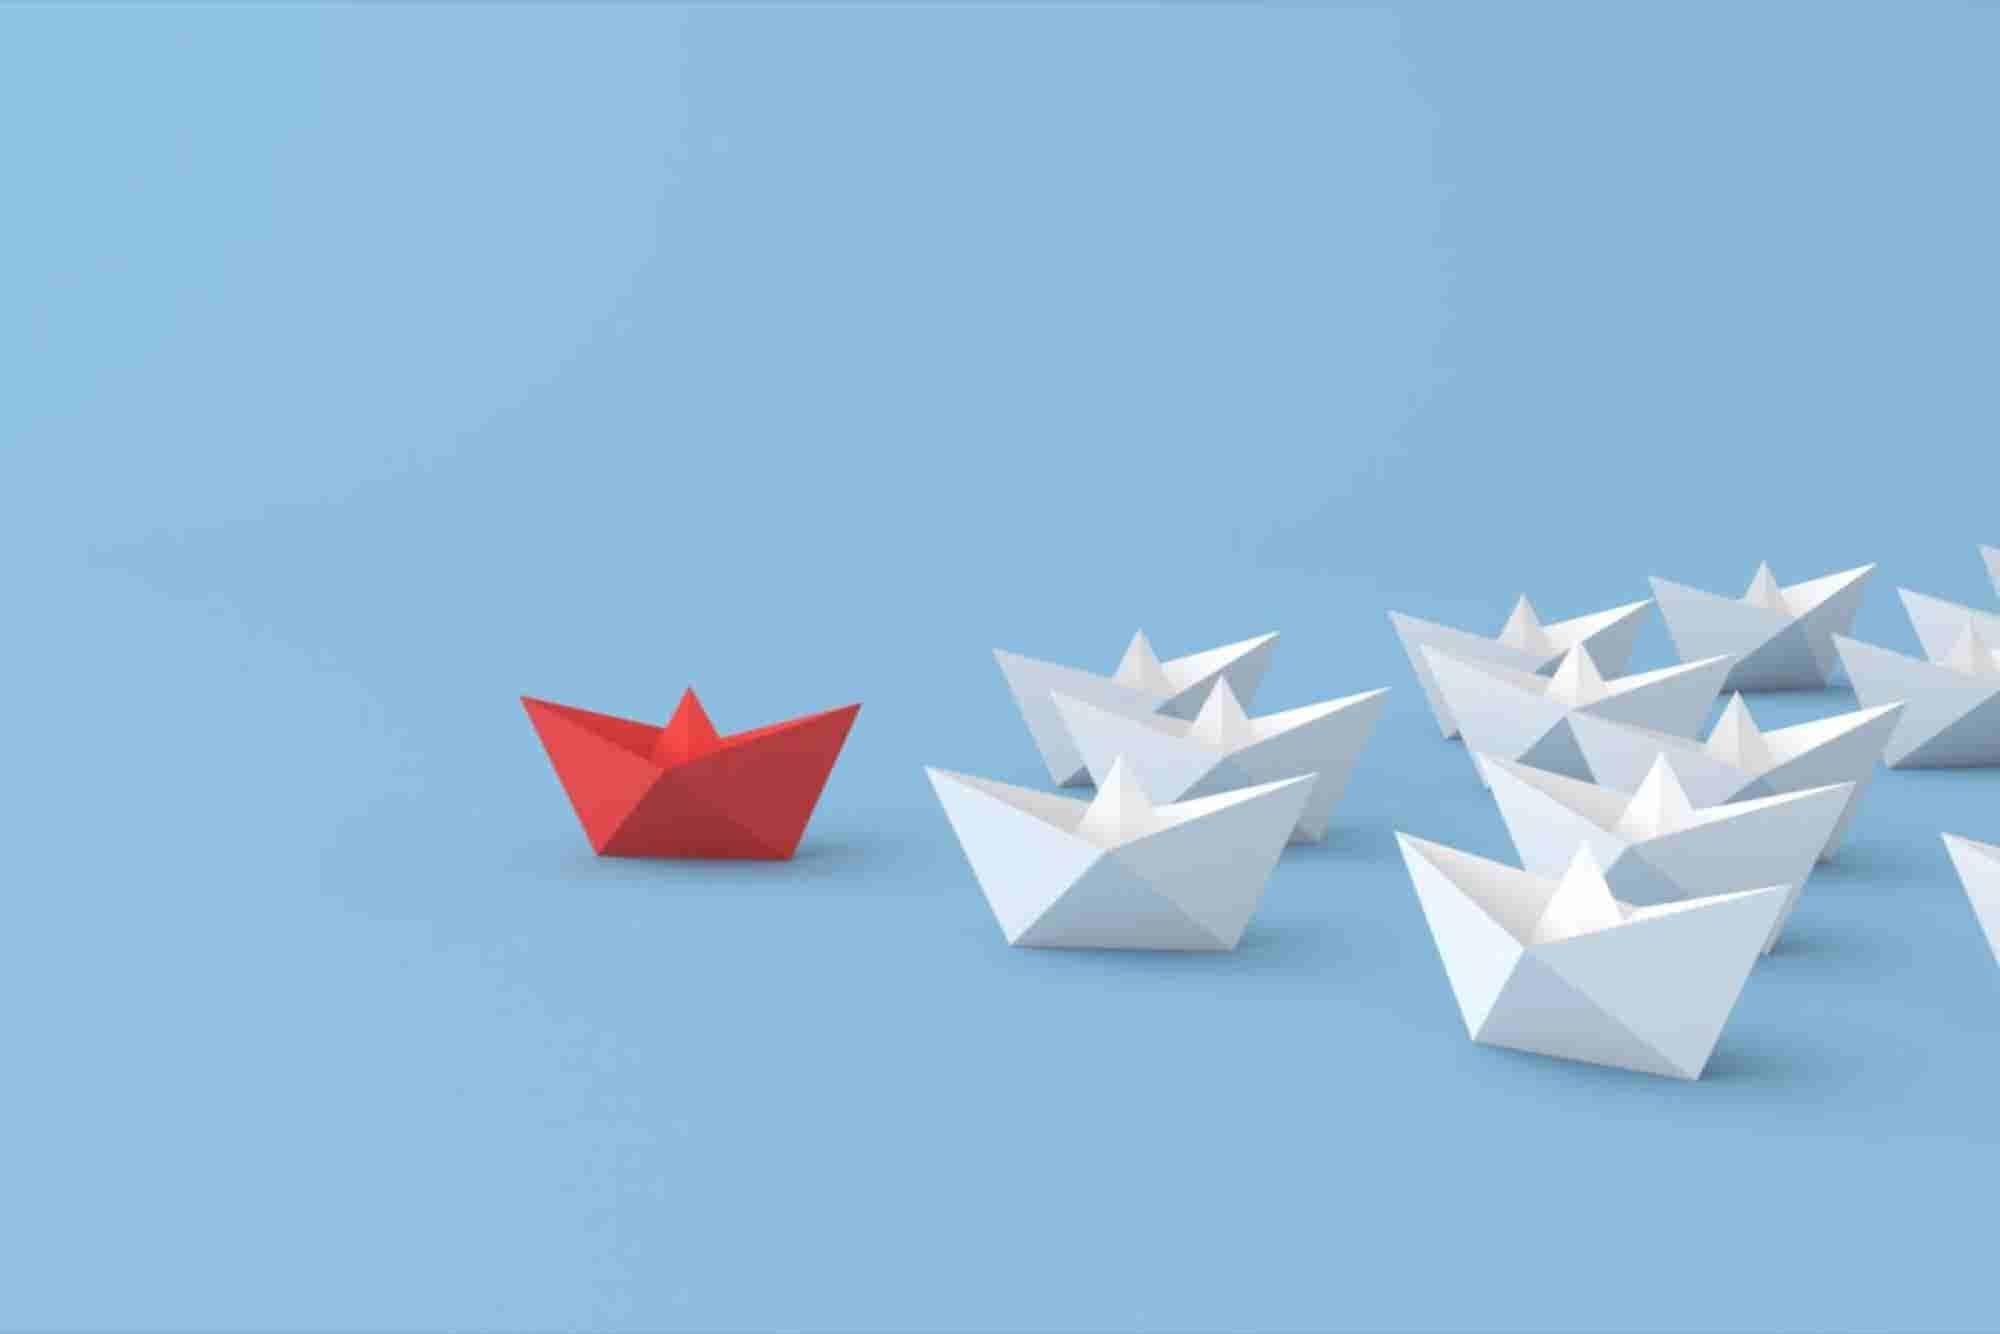 Test: Líder nato o autoritario, ¿cuál eres tú?